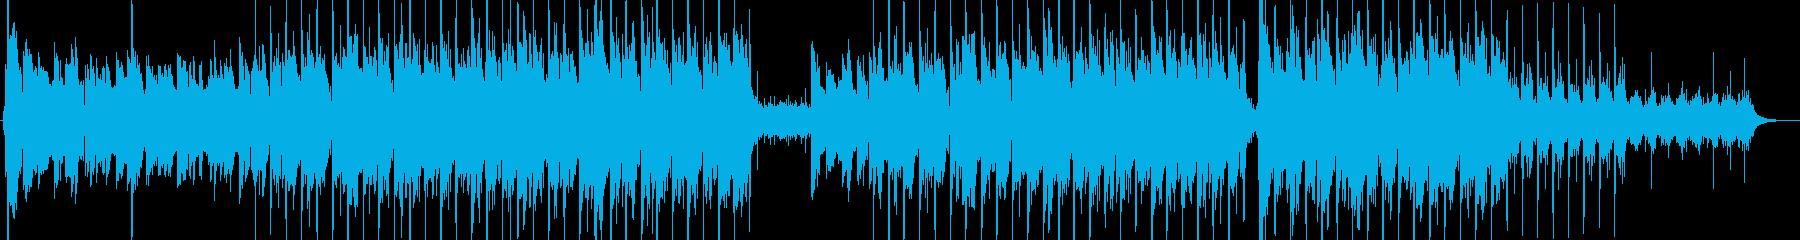 映画音楽、荘厳重厚、映像向け-16の再生済みの波形